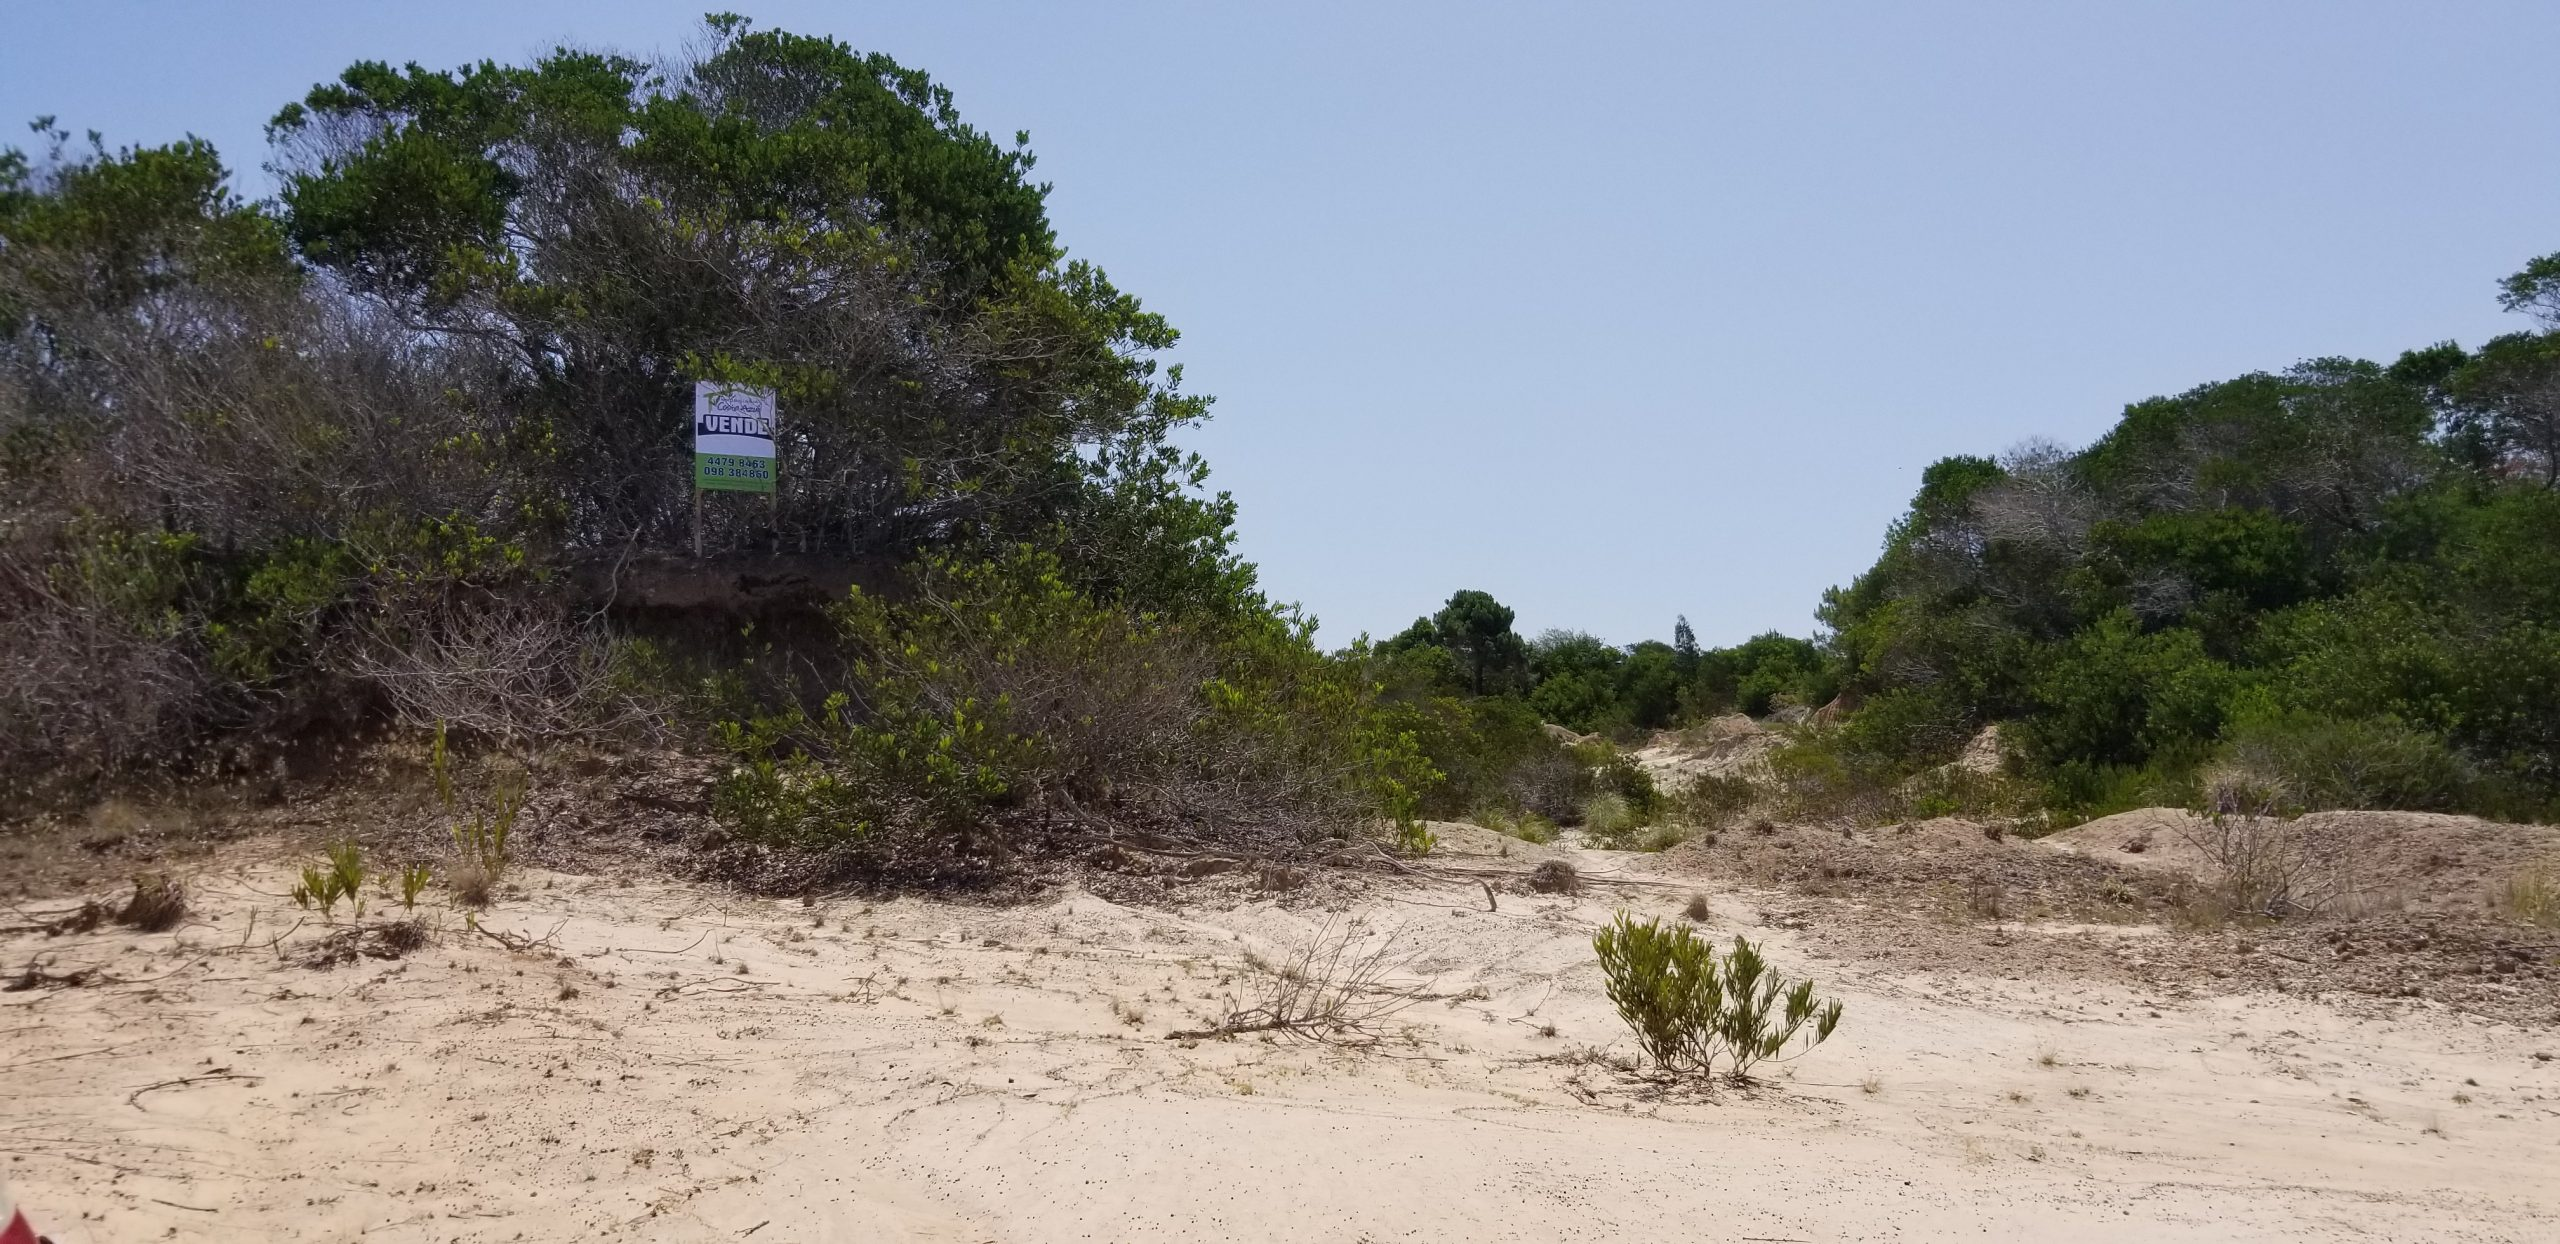 Vendo 2 terrenos en Punta Ruba .           Superficie 600 M2